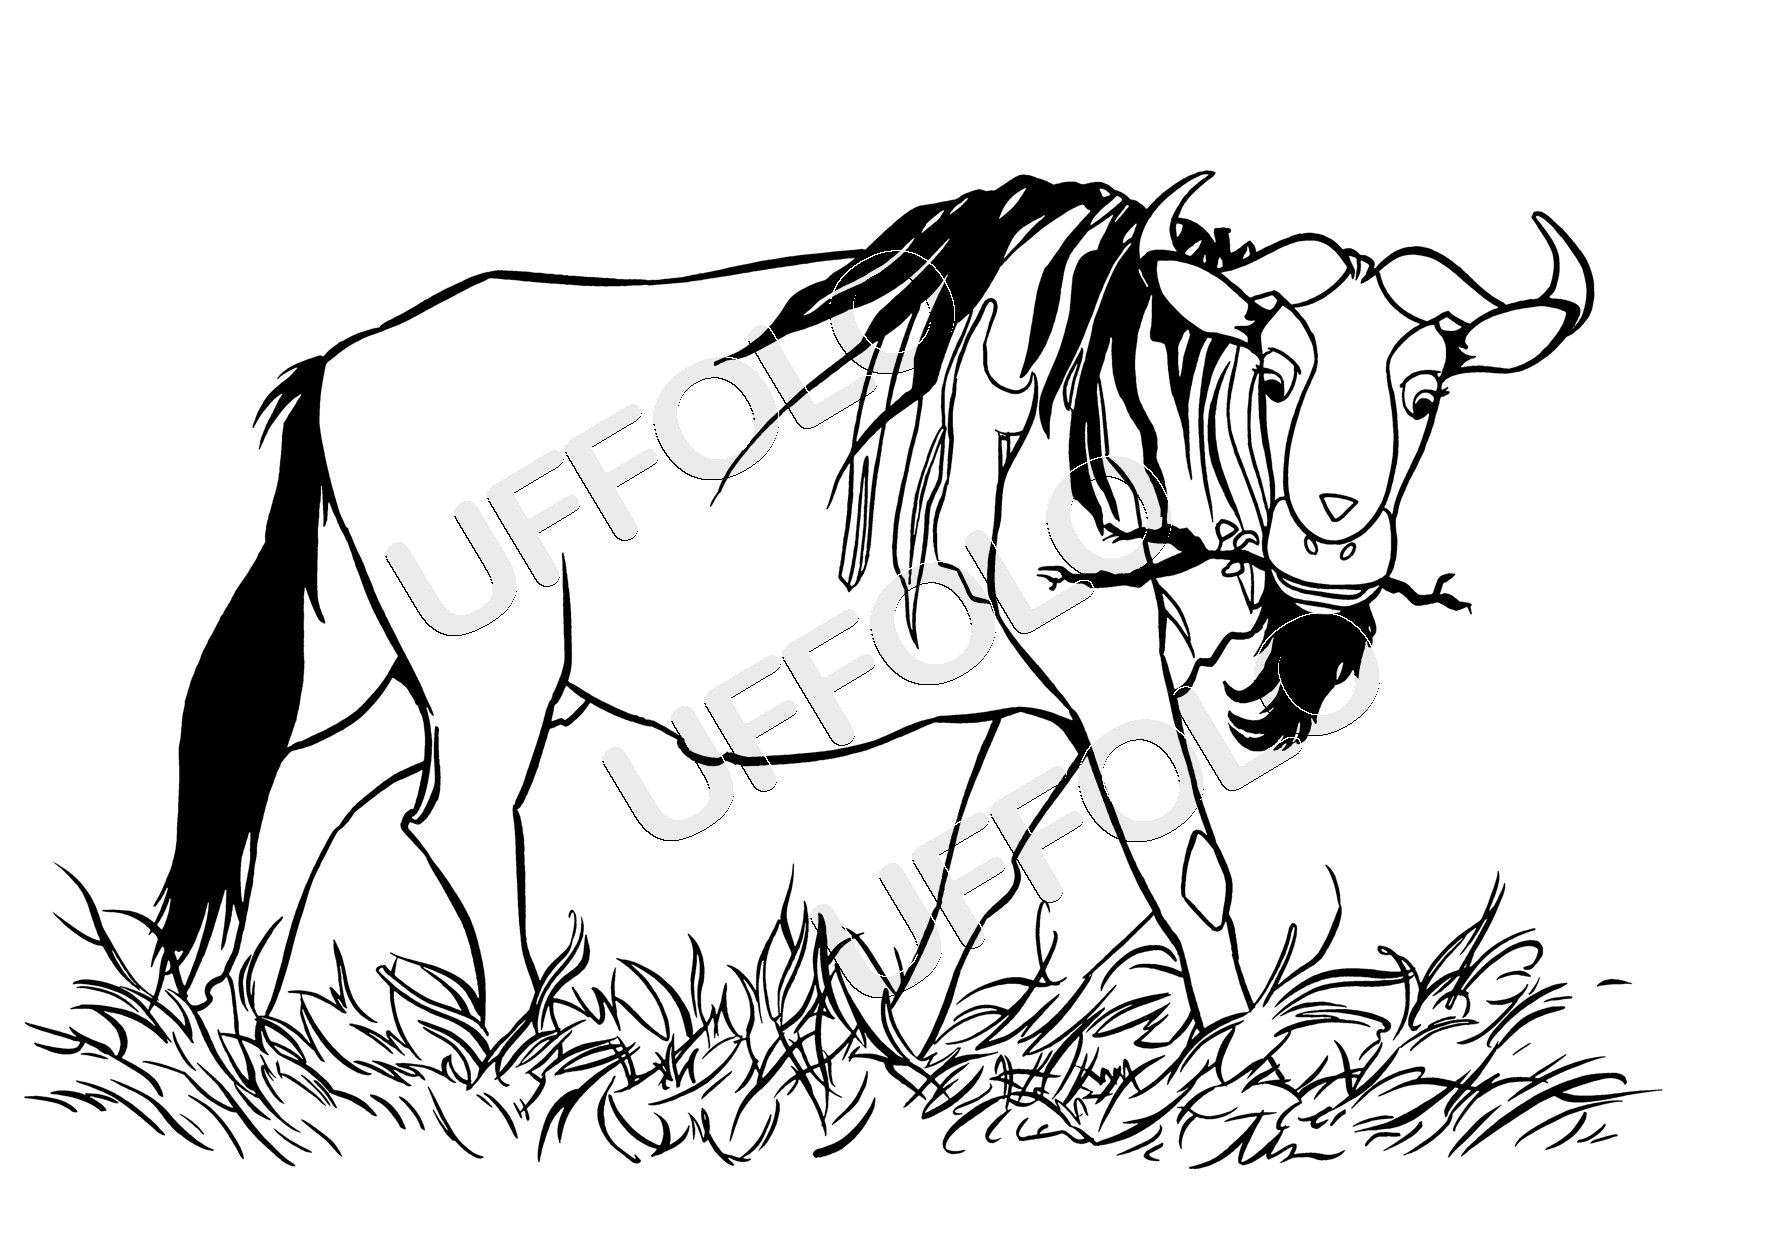 Disegni di animali africani uffolo for Disegni di cani da stampare e colorare